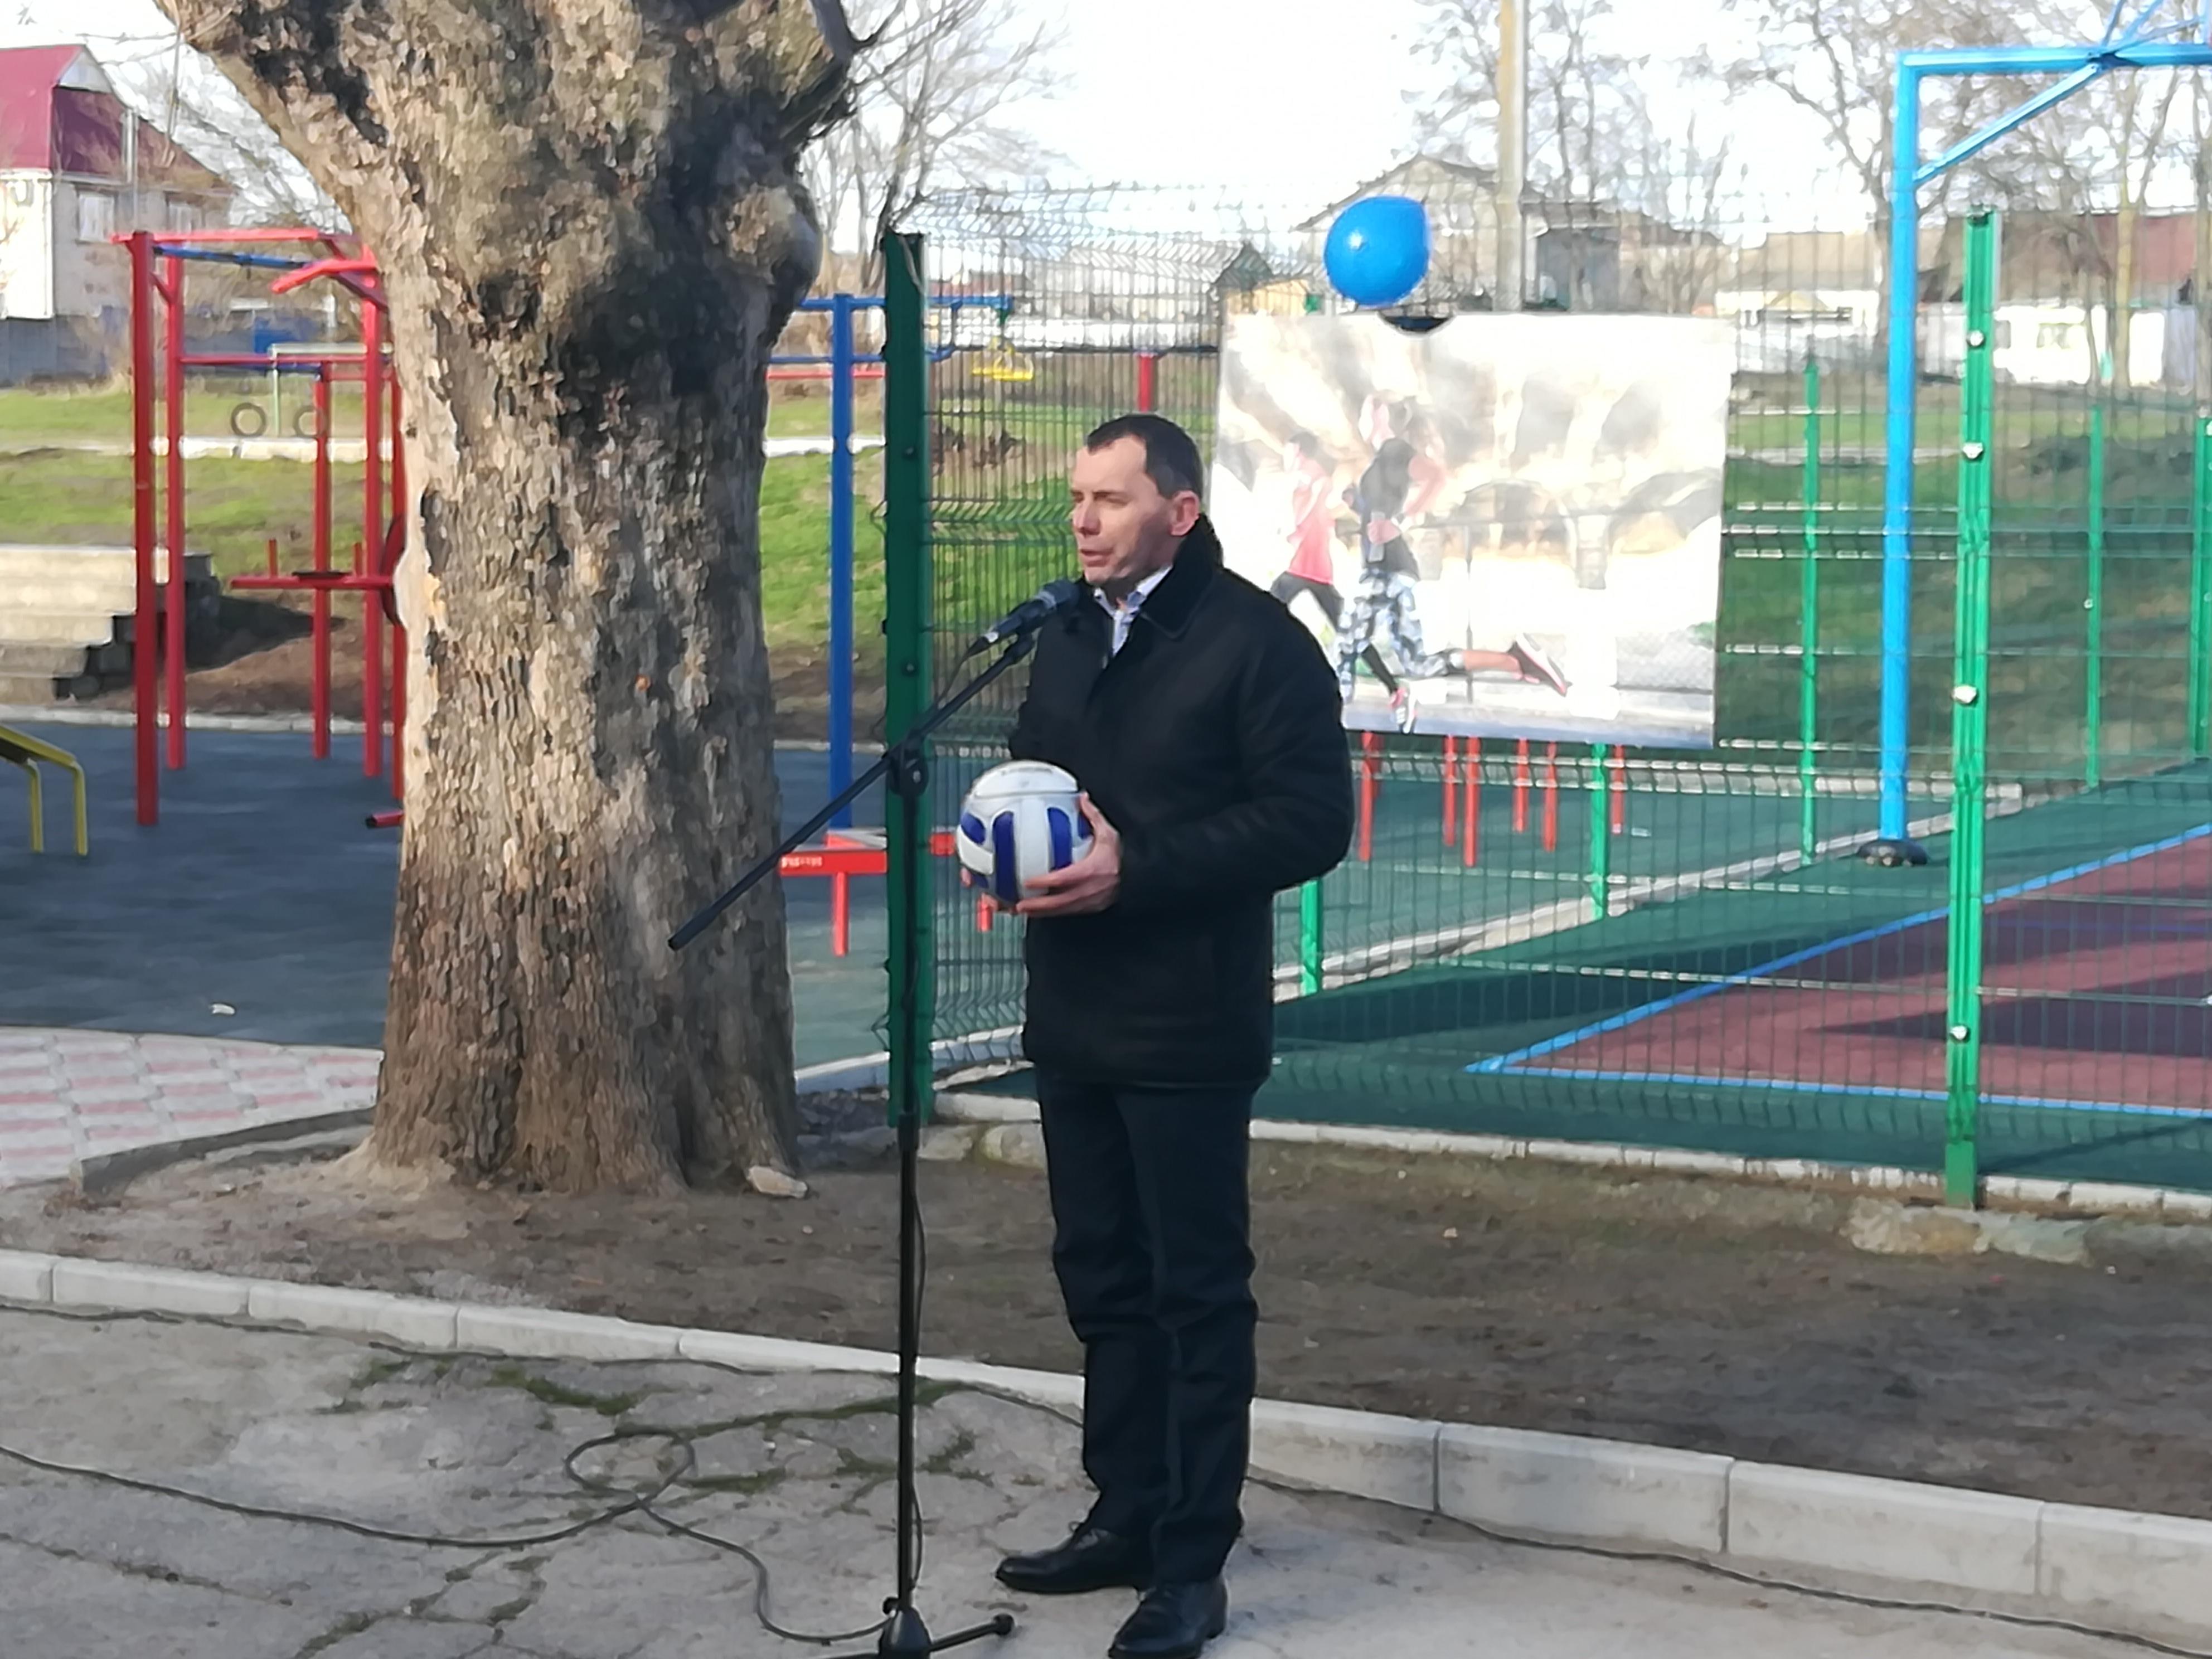 Сьогодні у Херсоні на базі школи №18 відкриється потужний спортивний майданчик